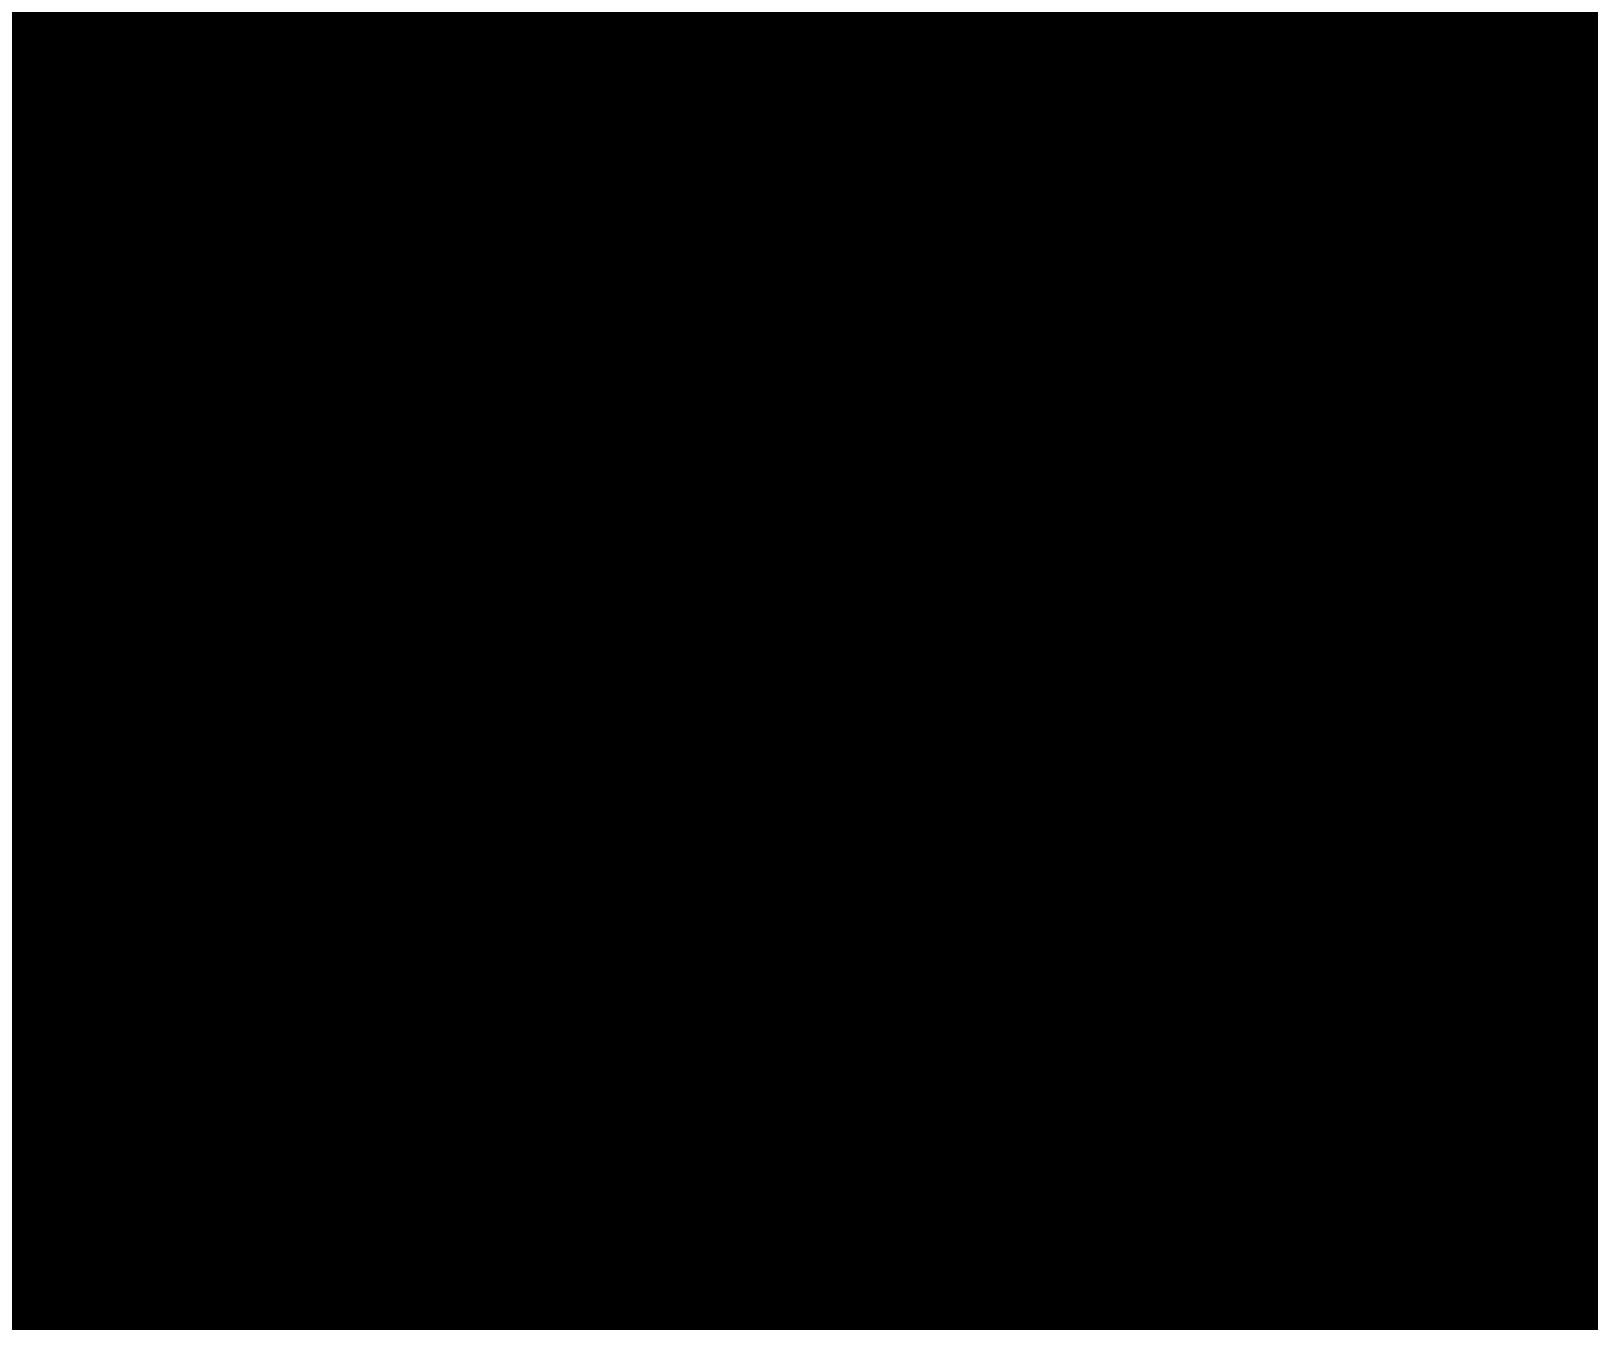 GhostOnTheShore_Logo_Black.png